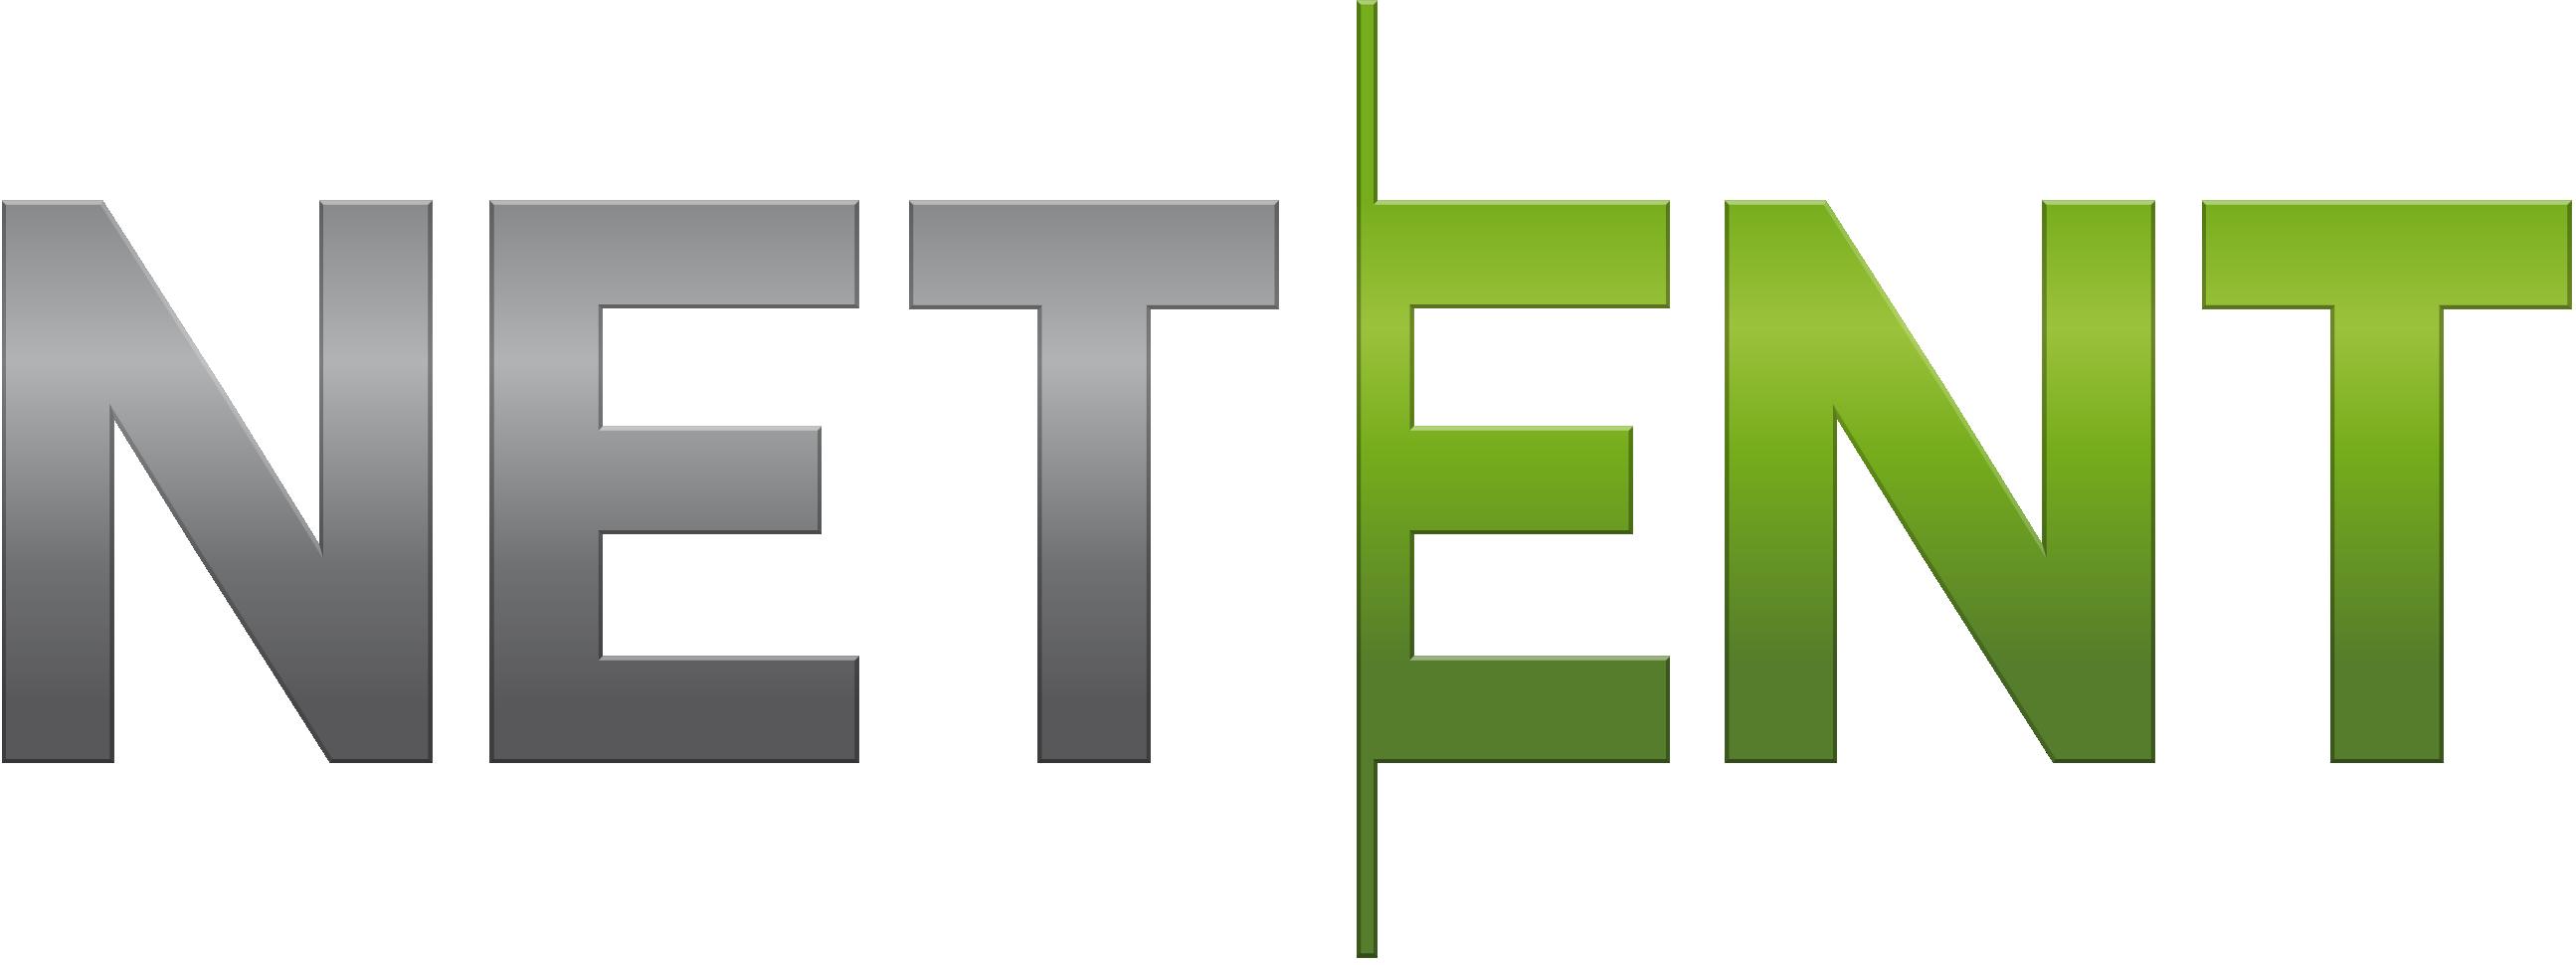 NetEnt представила отчет за первый финансовый квартал 2015 года